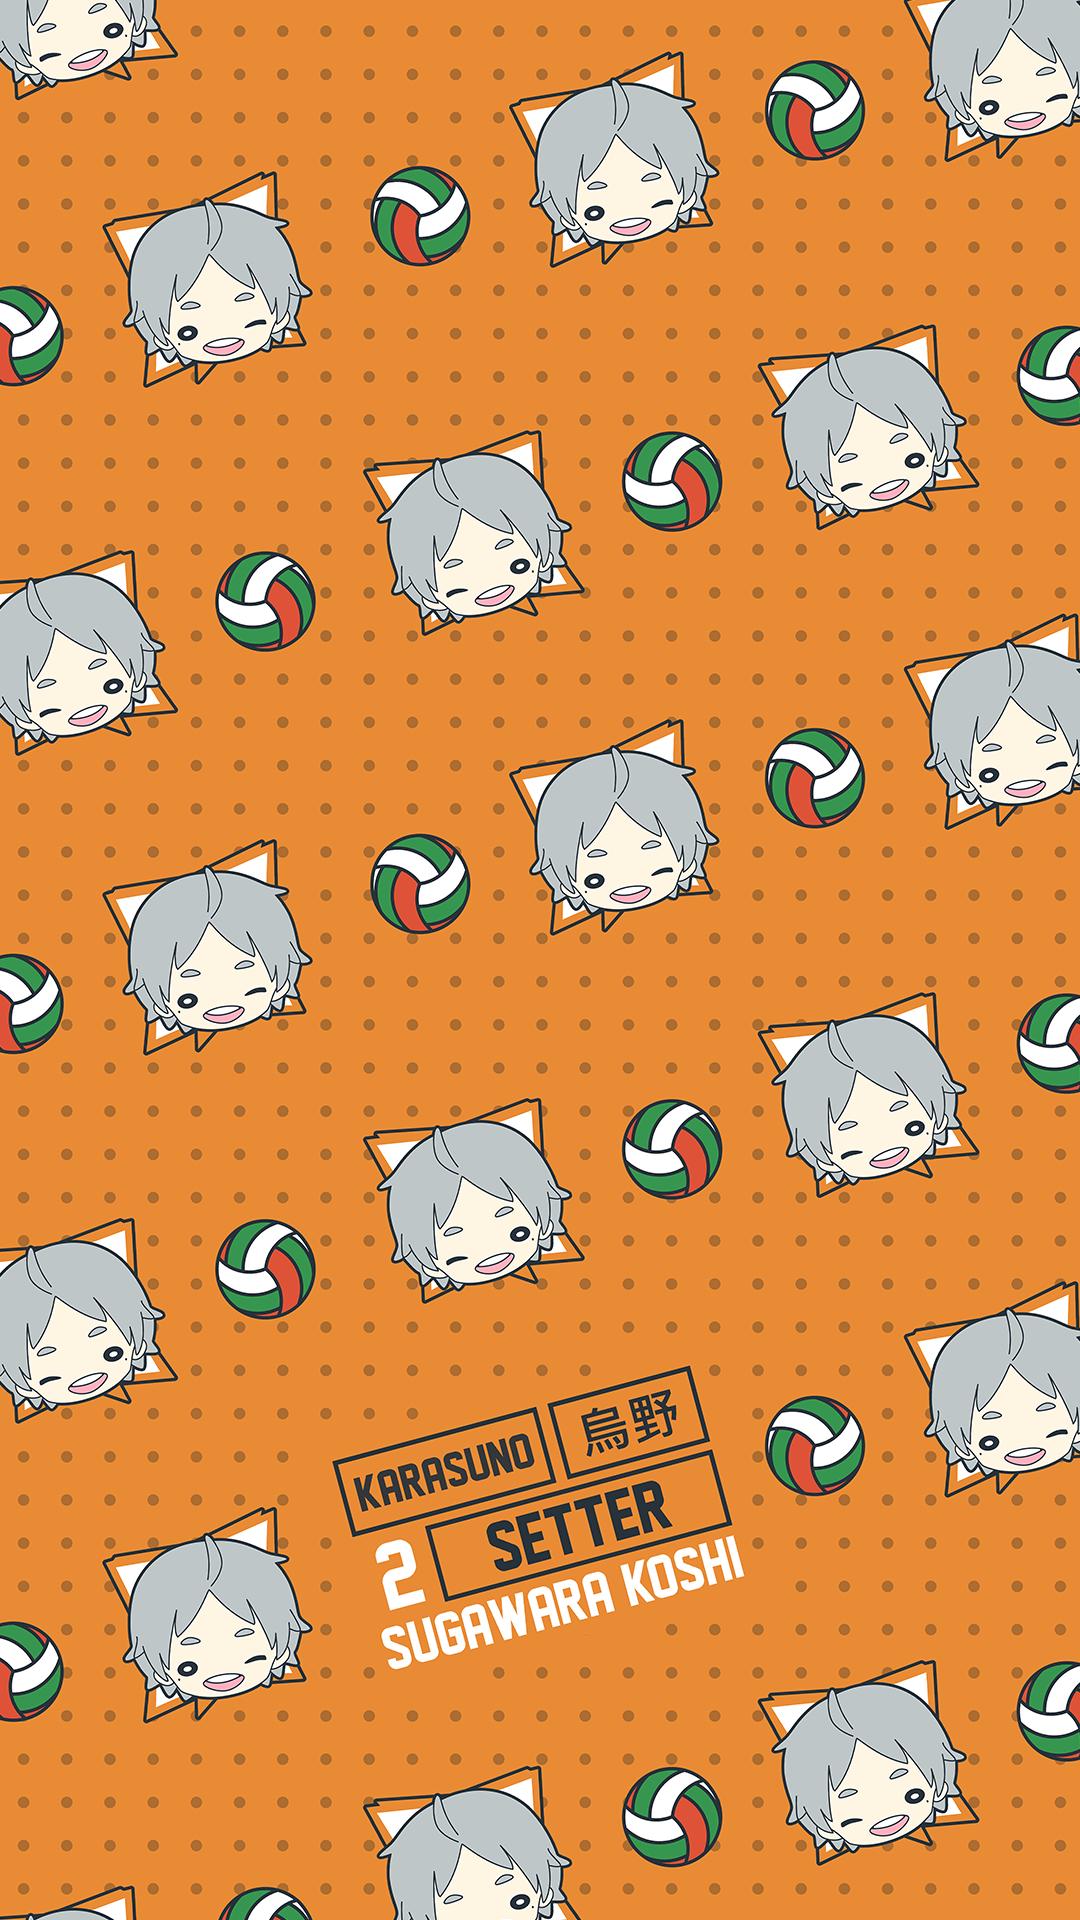 Sugawara Koushi Pattern Wallpaper